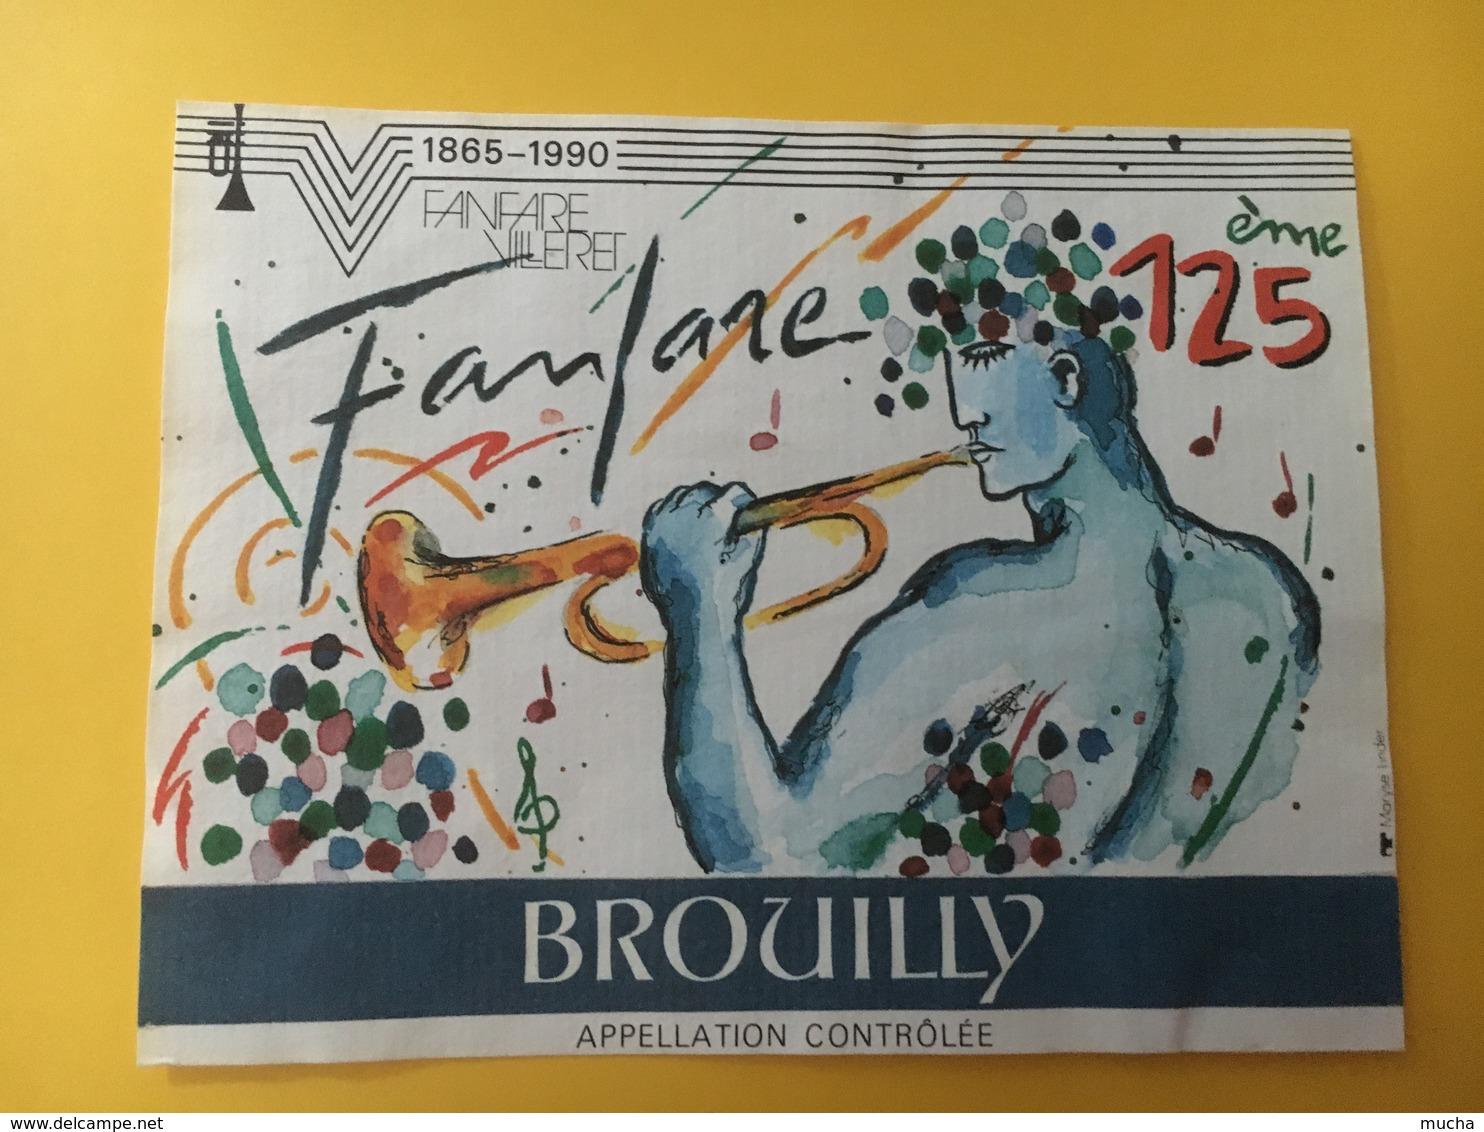 8751 - Fanfare Villeret 1865 - 1990 125e  Suisse Brouilly Aujoux 1989 - Musique